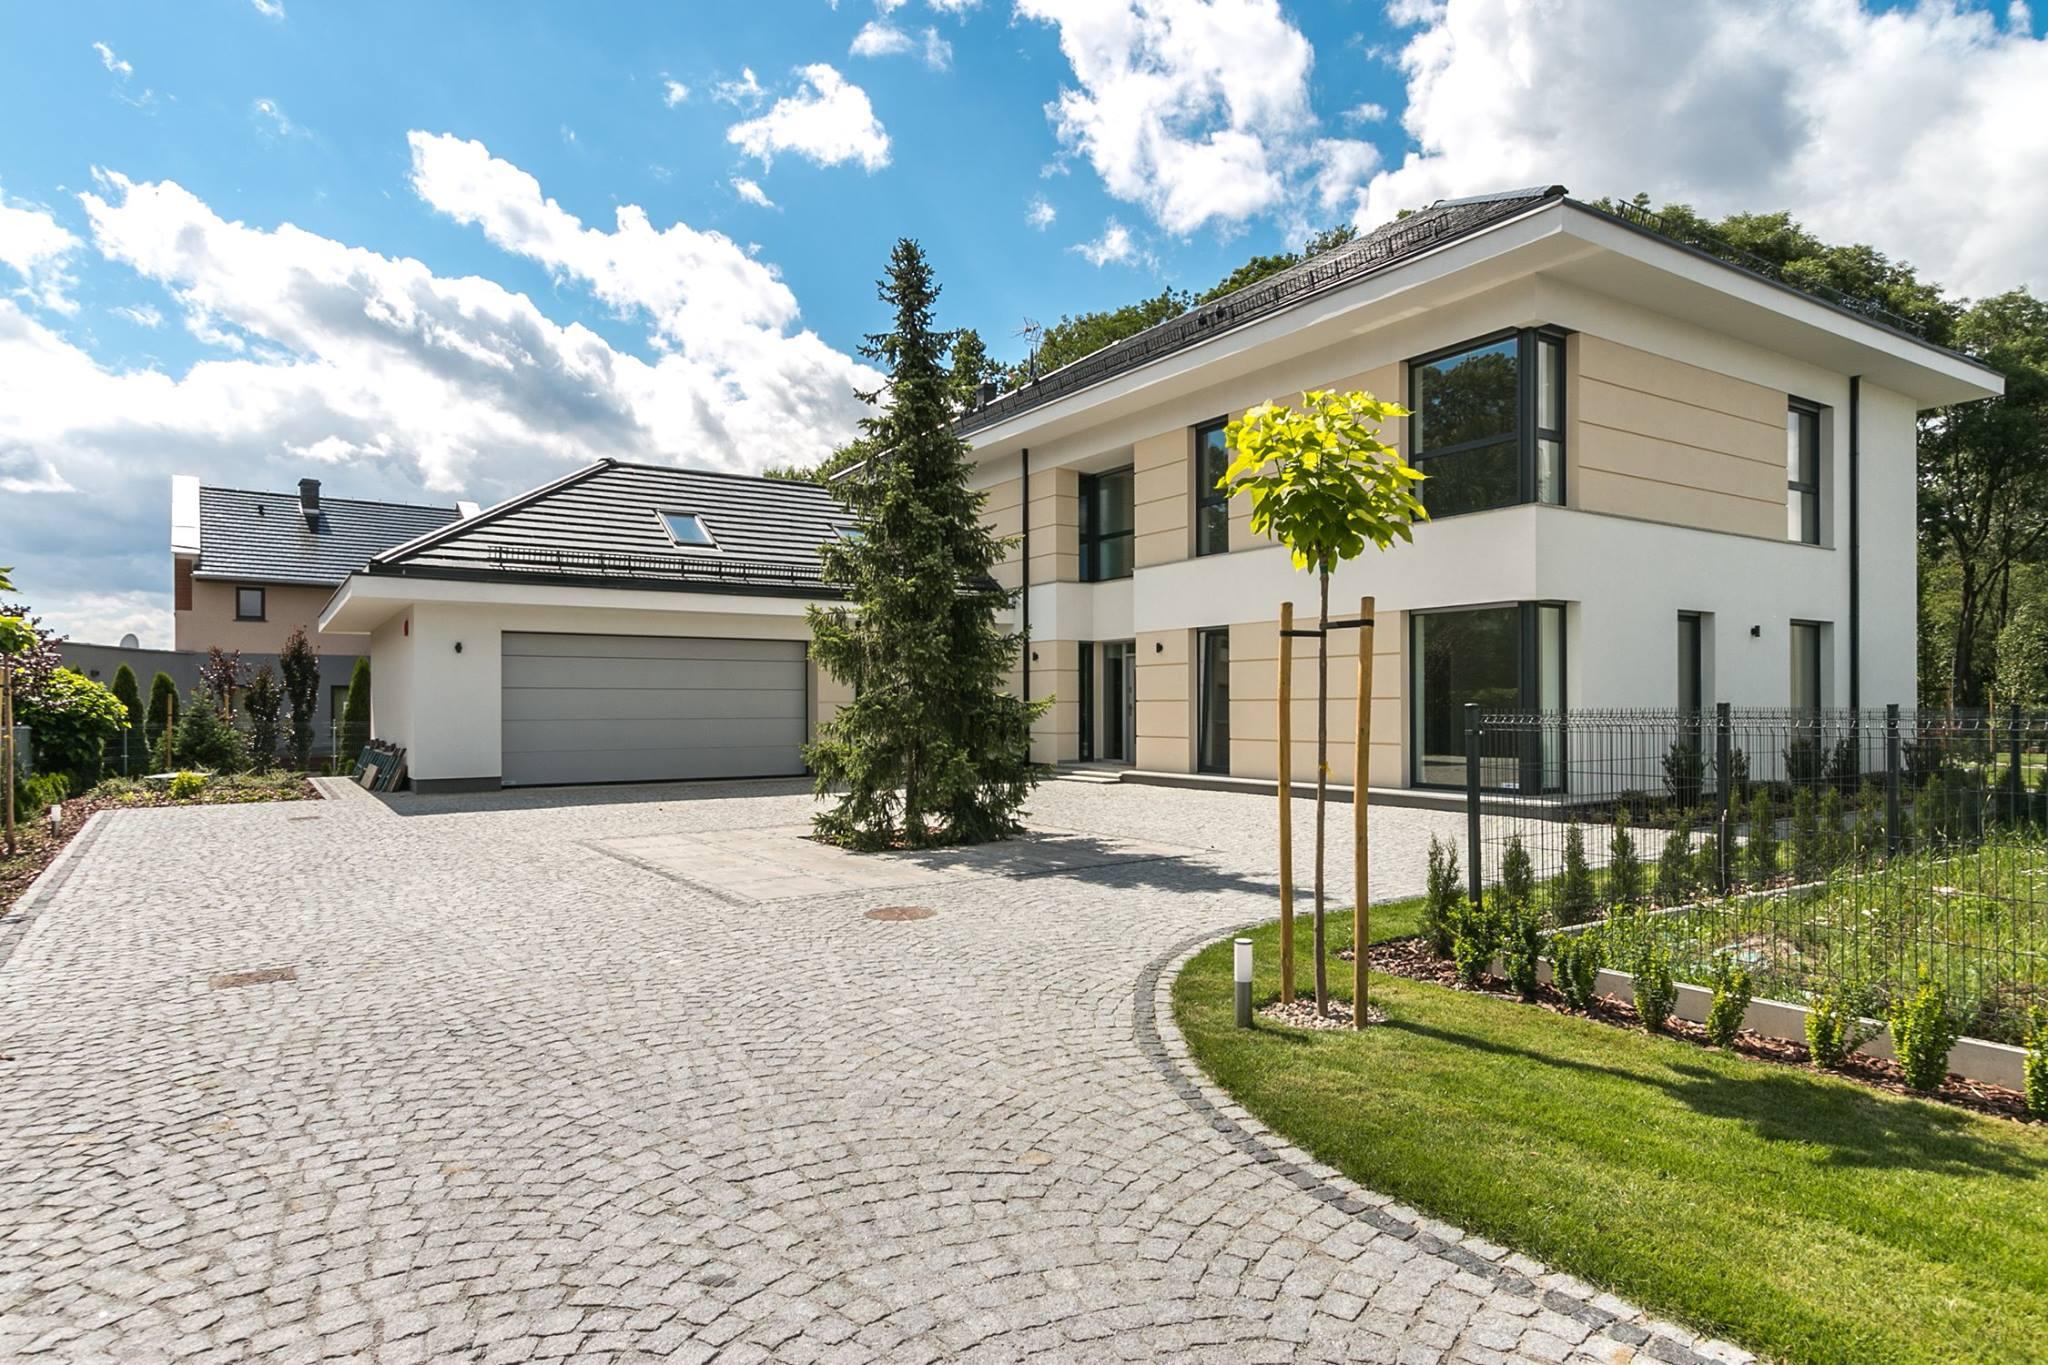 Budowa domu jednorodzinnego wolnostojącego w Radomierzycach